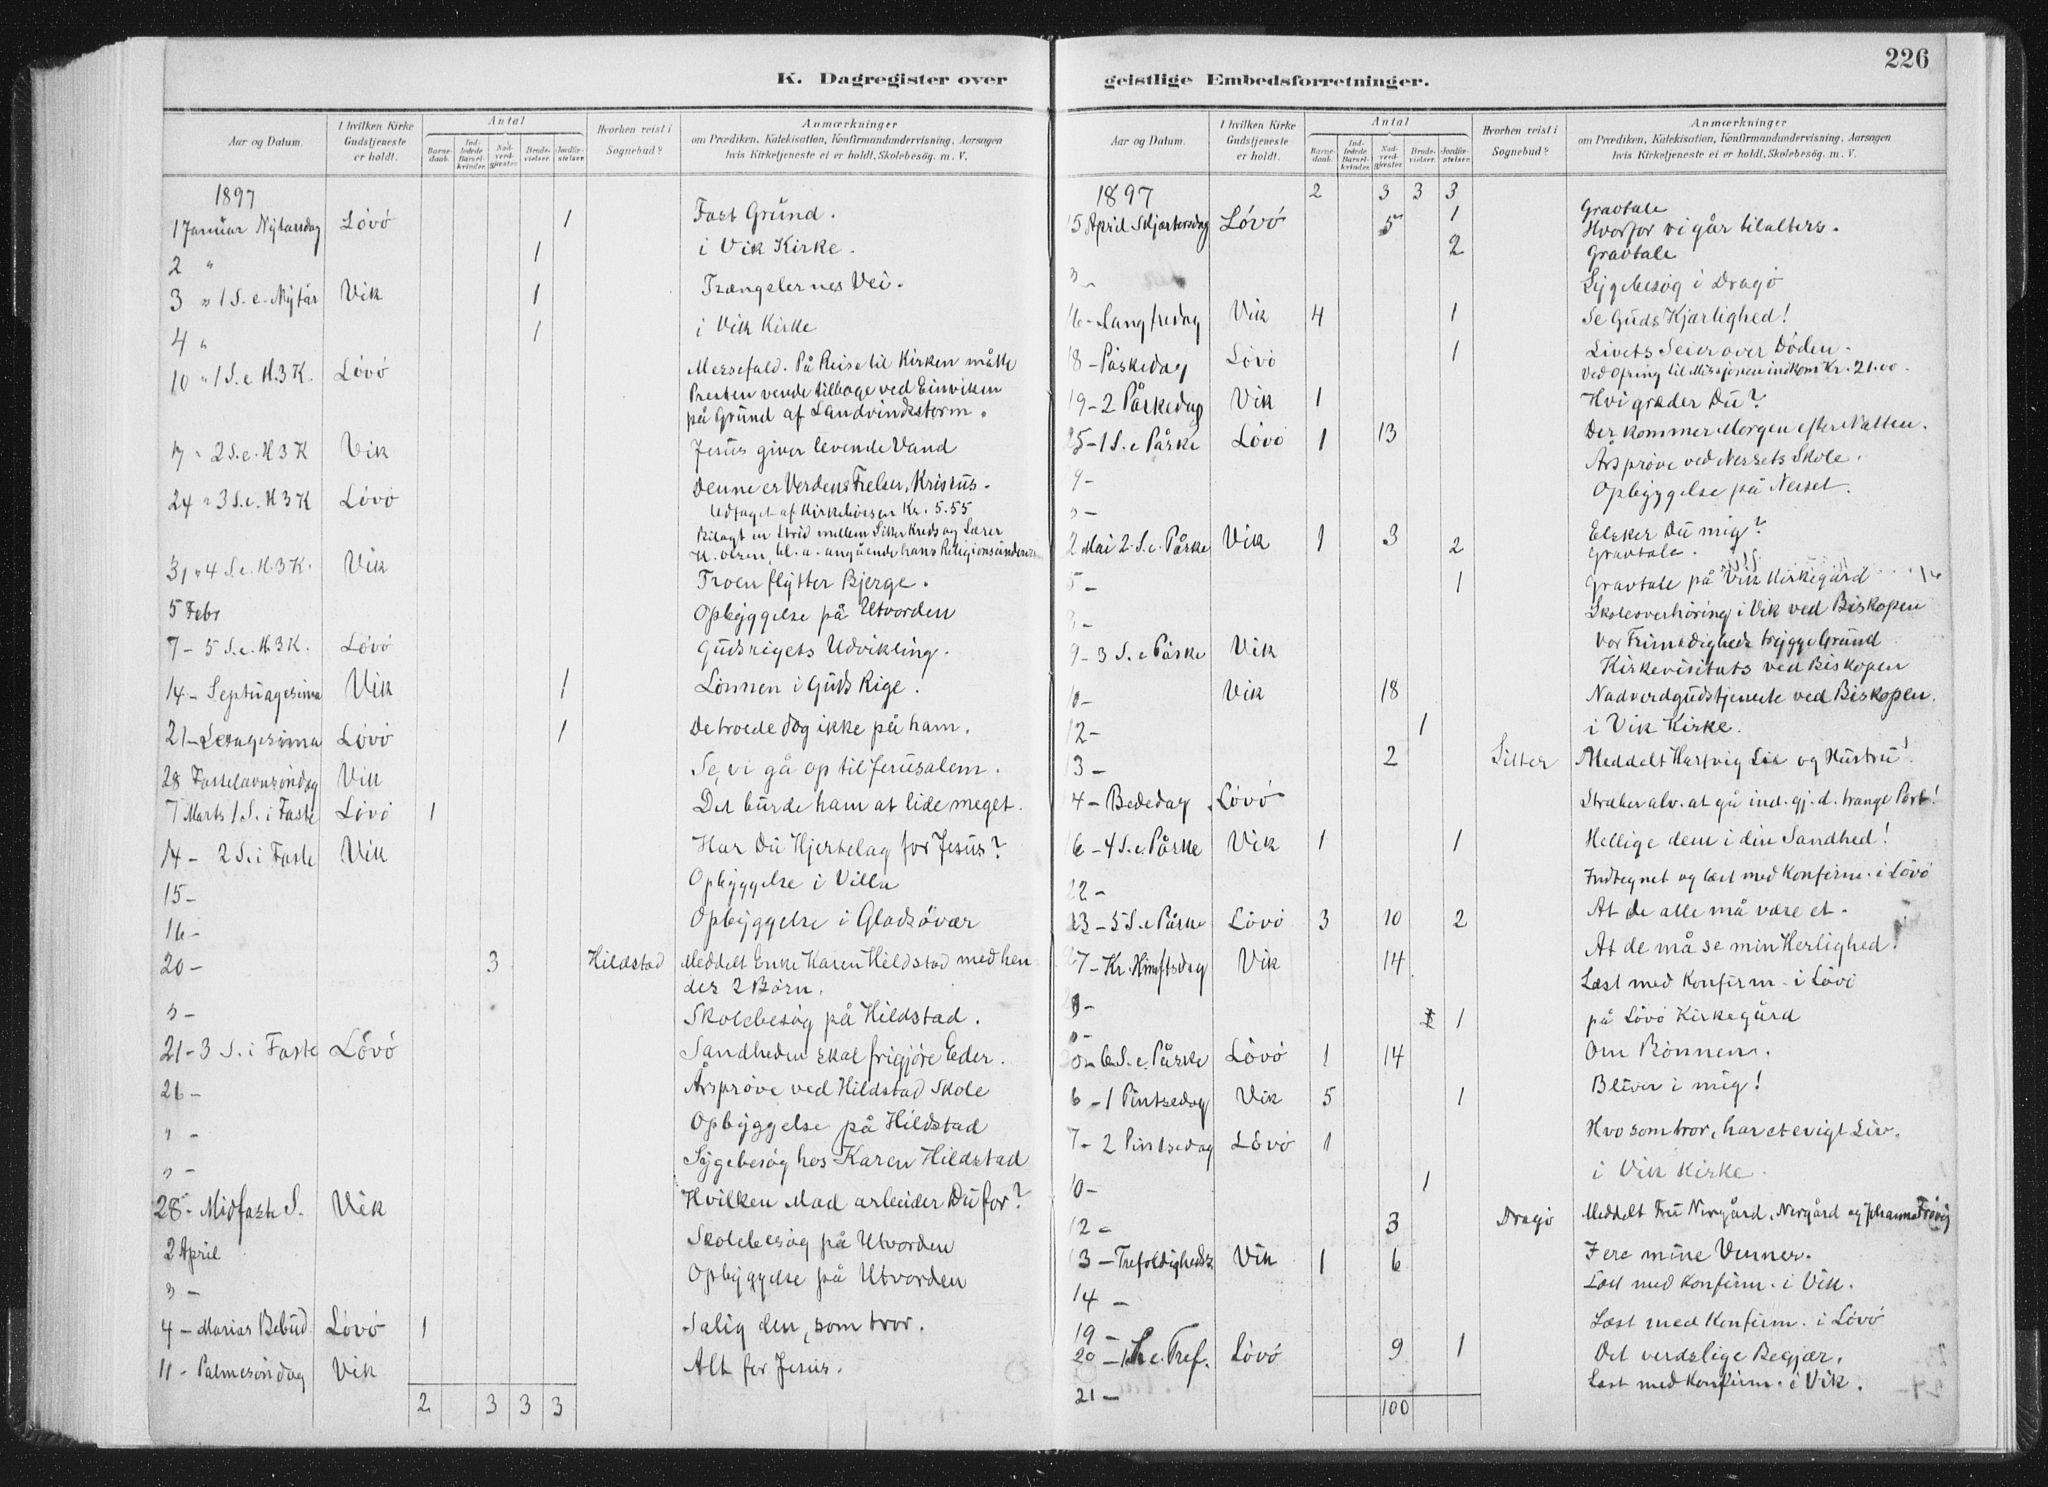 SAT, Ministerialprotokoller, klokkerbøker og fødselsregistre - Nord-Trøndelag, 771/L0597: Ministerialbok nr. 771A04, 1885-1910, s. 226